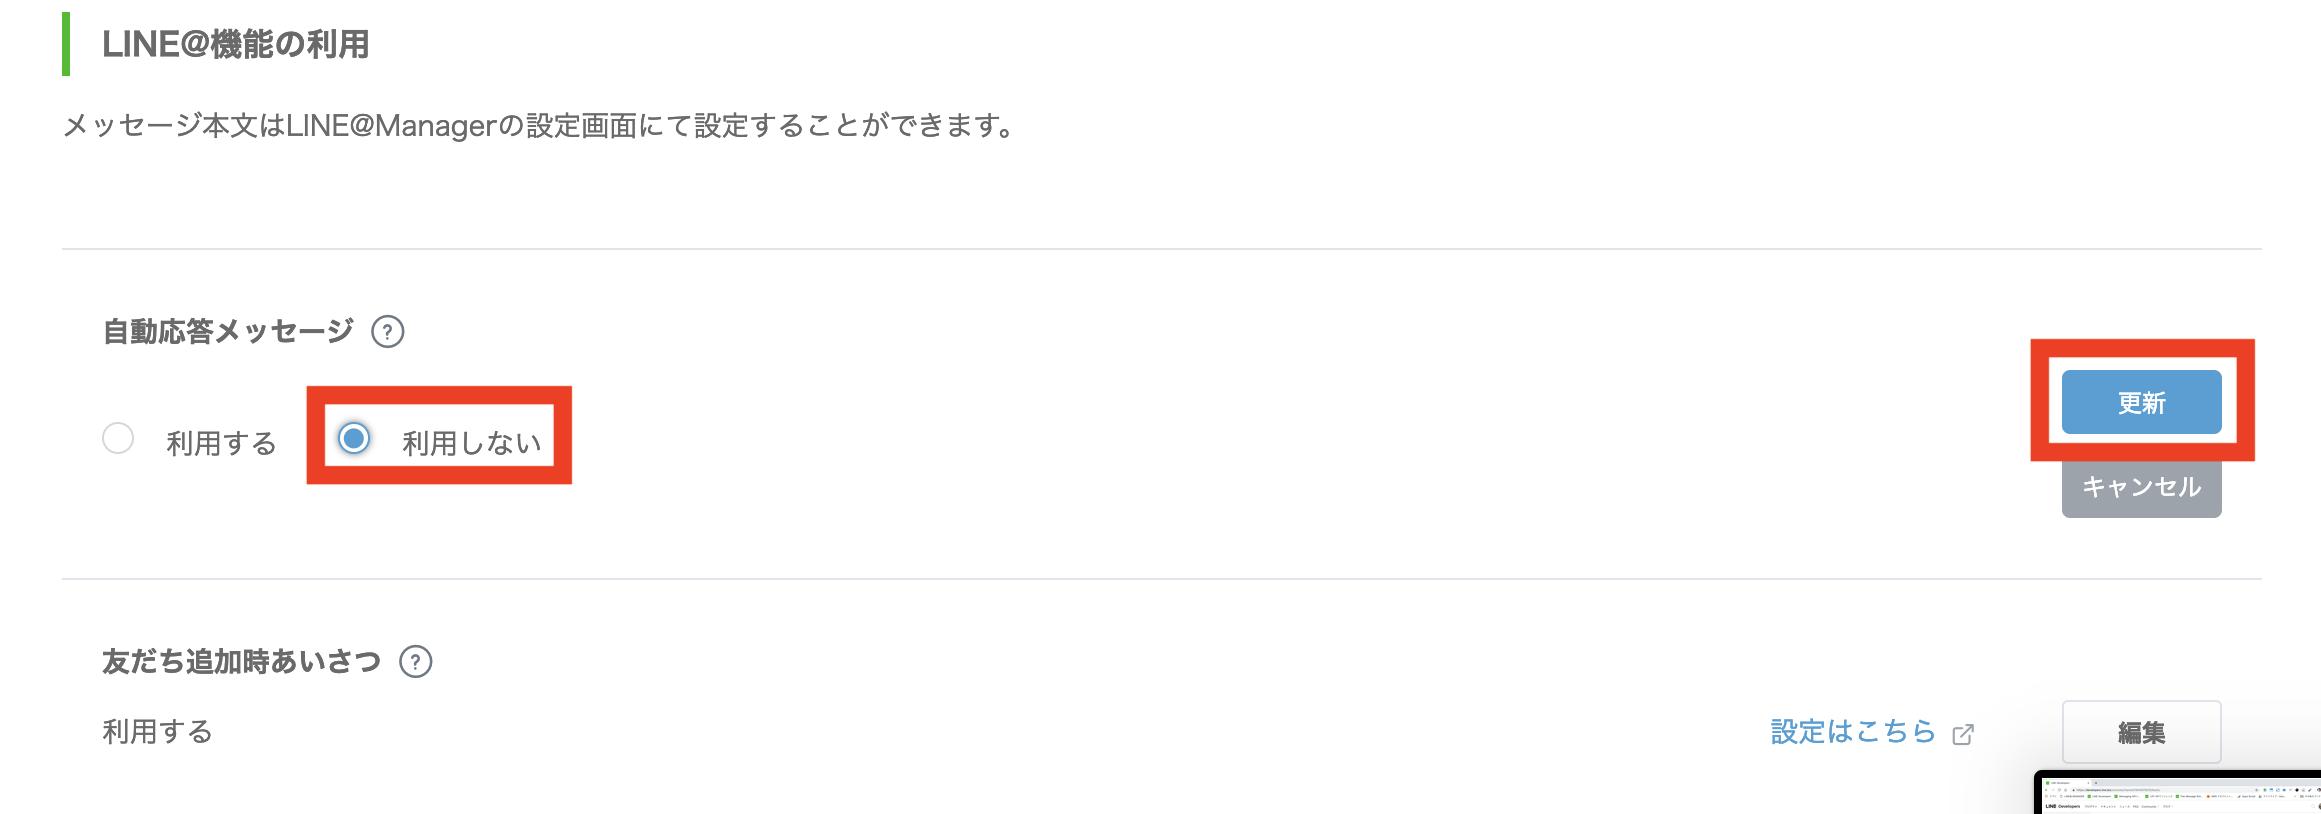 スクリーンショット 2019-02-09 15.52.47.png